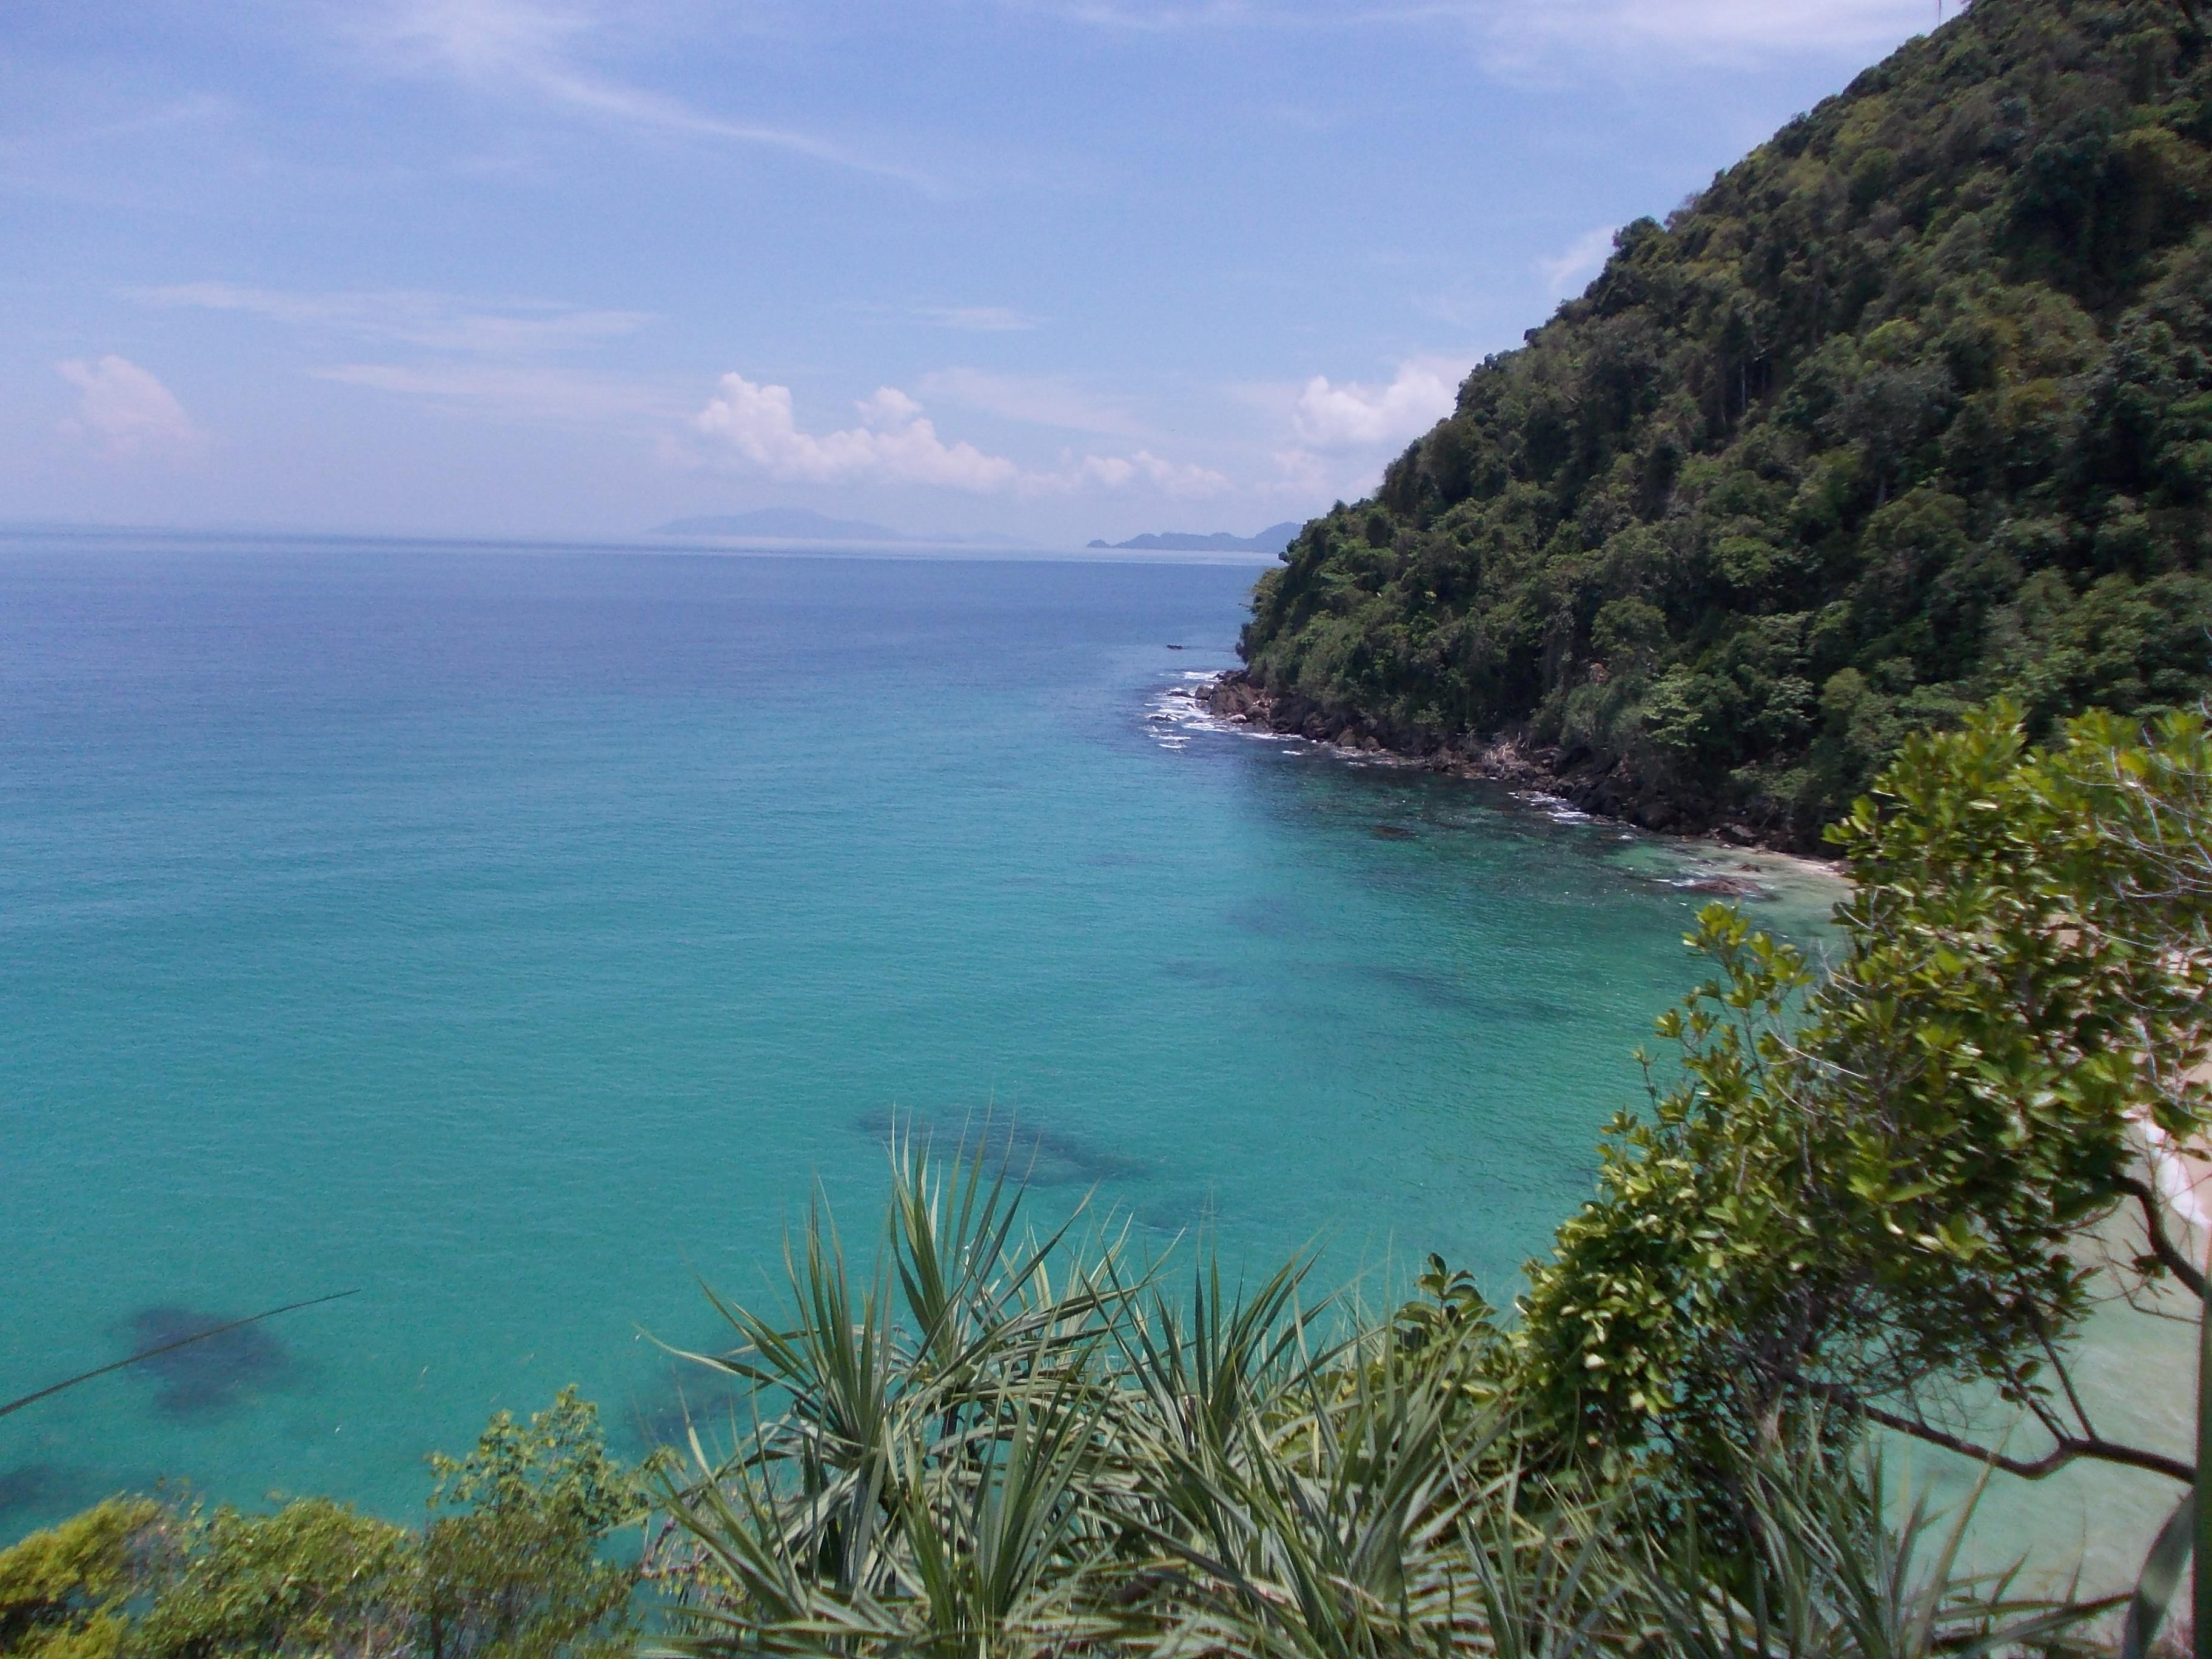 îles Thaïlande Koh Kradan